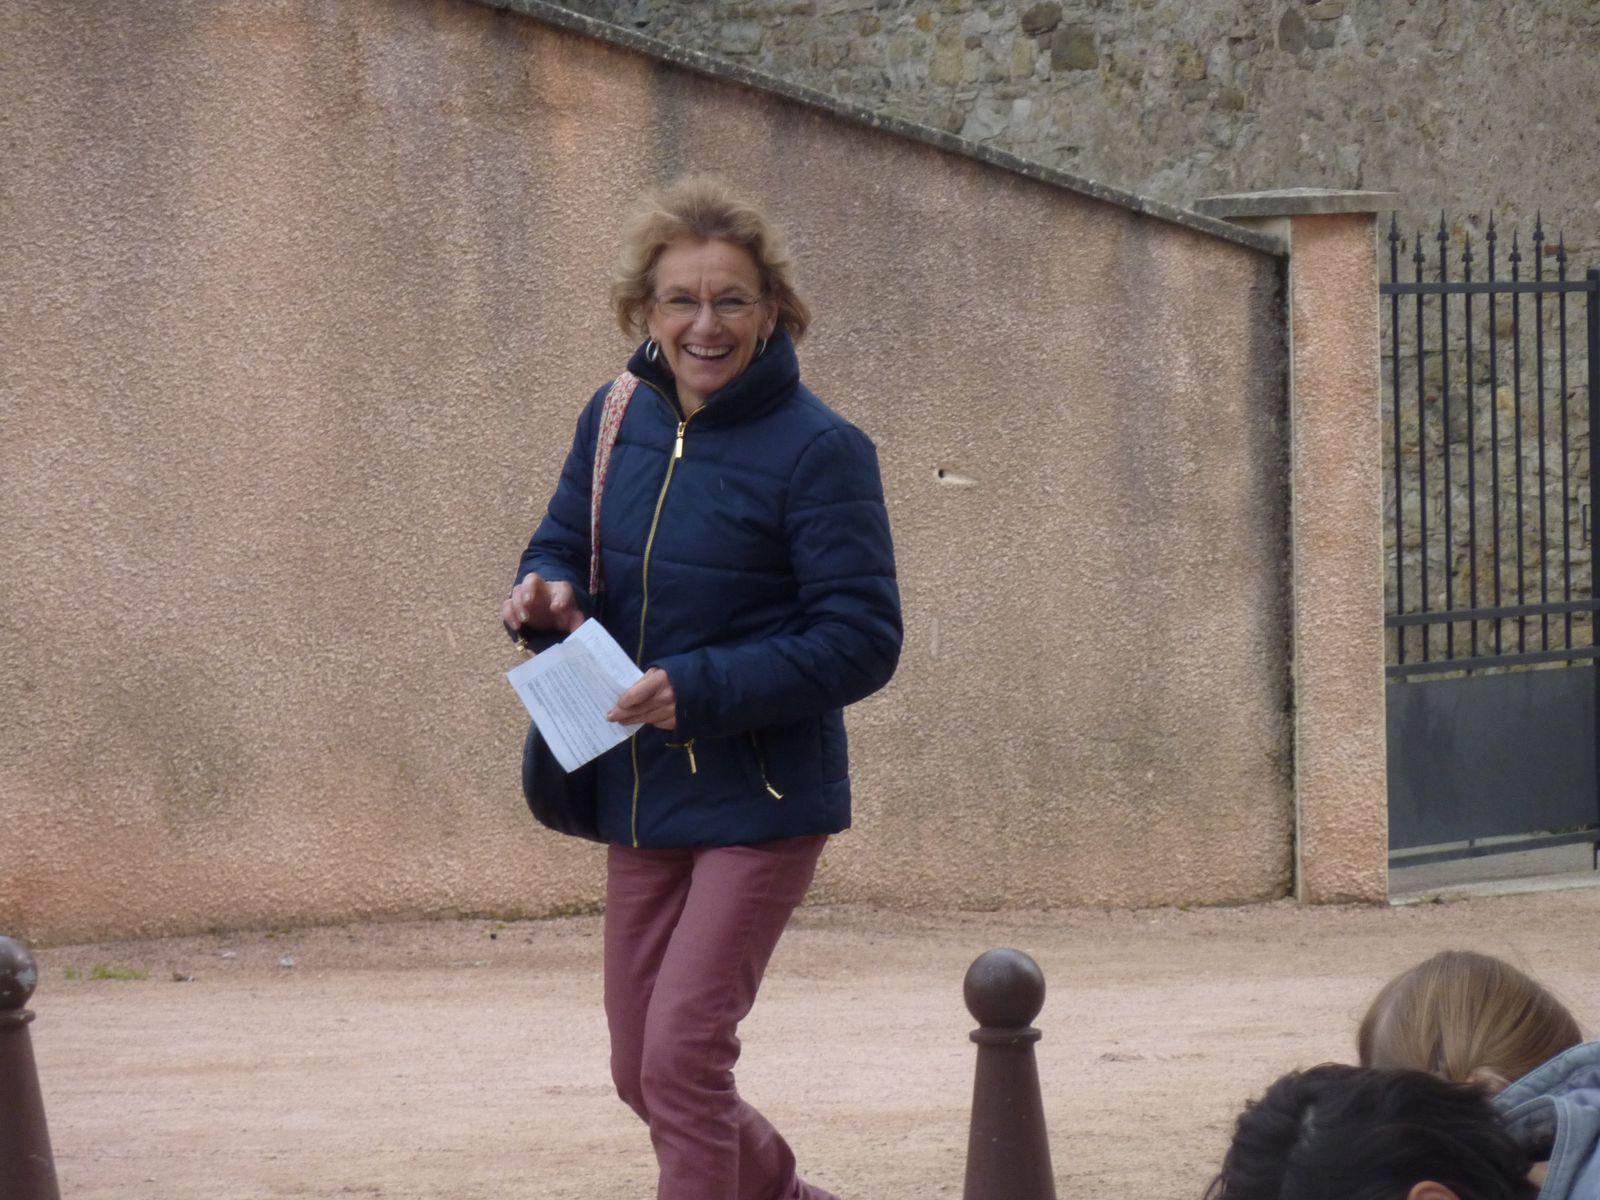 Mme Bardet (EPS) heureuse d'être parvenue à lire le plan sans s'être perdue !